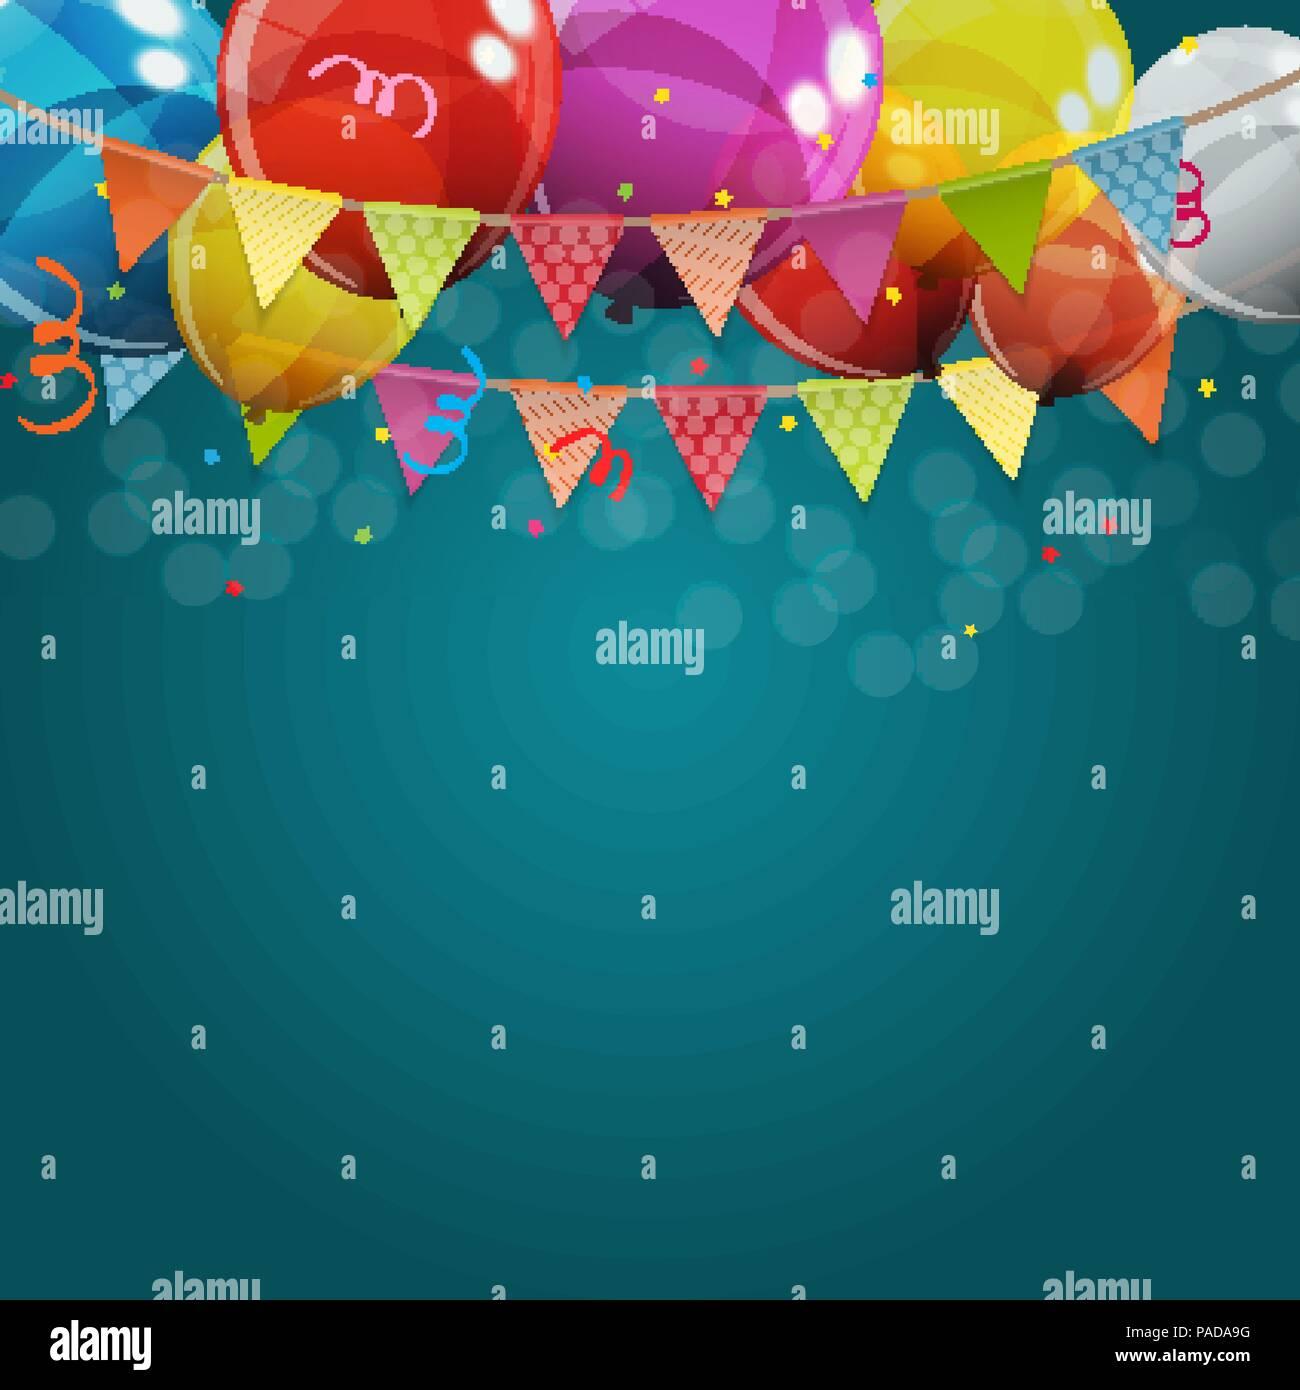 Lucida di colore Buon Compleanno palloncini sfondo Banner illustrazione vettoriale Immagini Stock